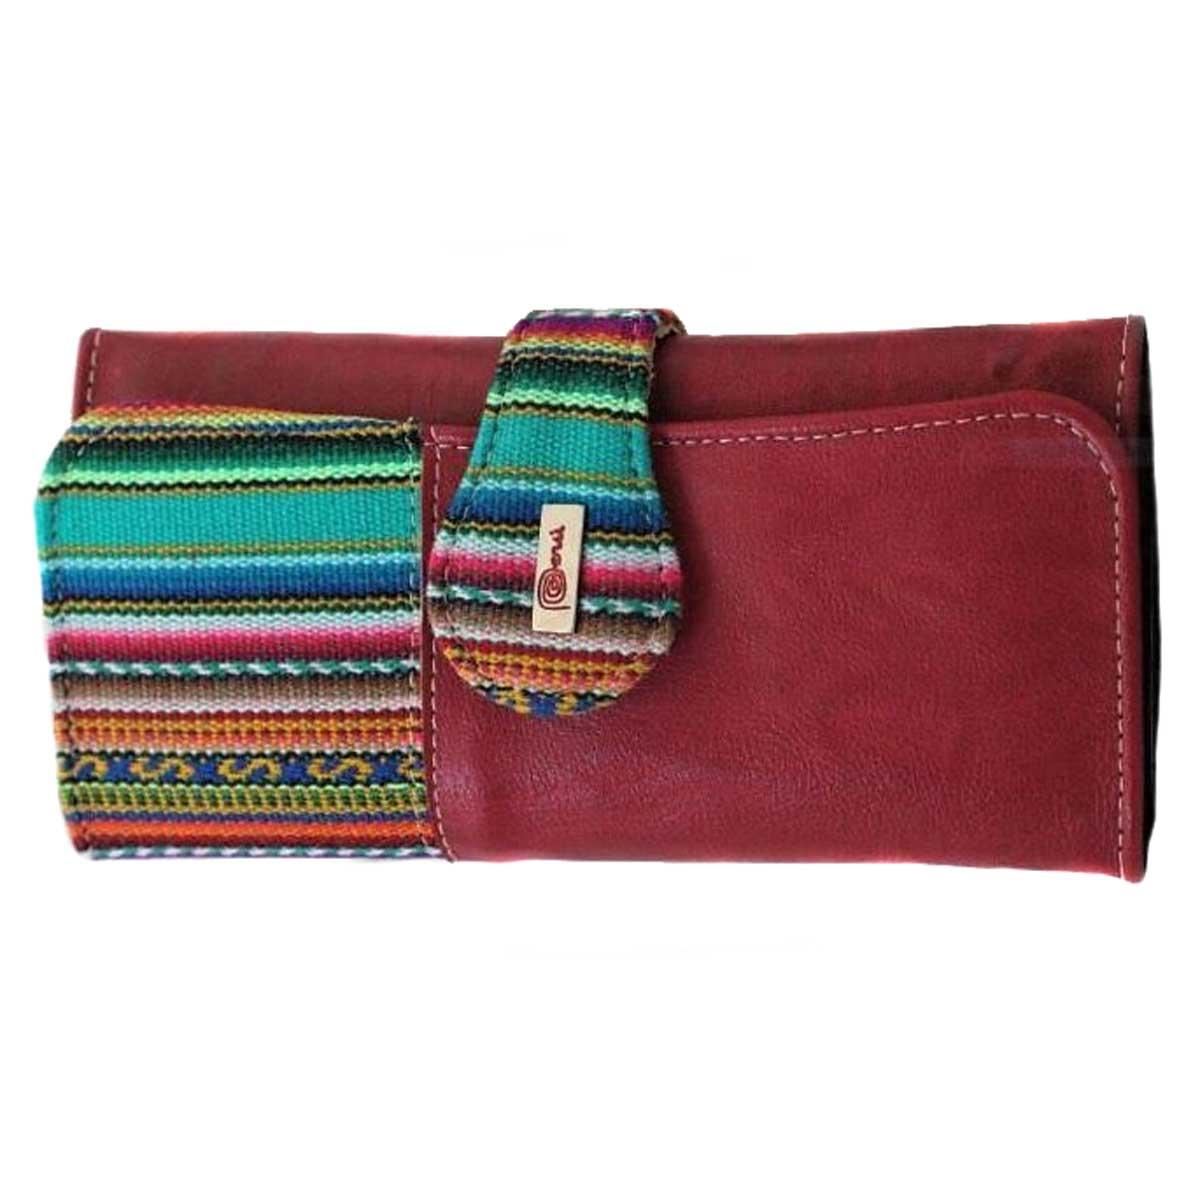 Inka-Products-Portefeuille Péruvien UWAS-Bordeaux Coloré Ethnique